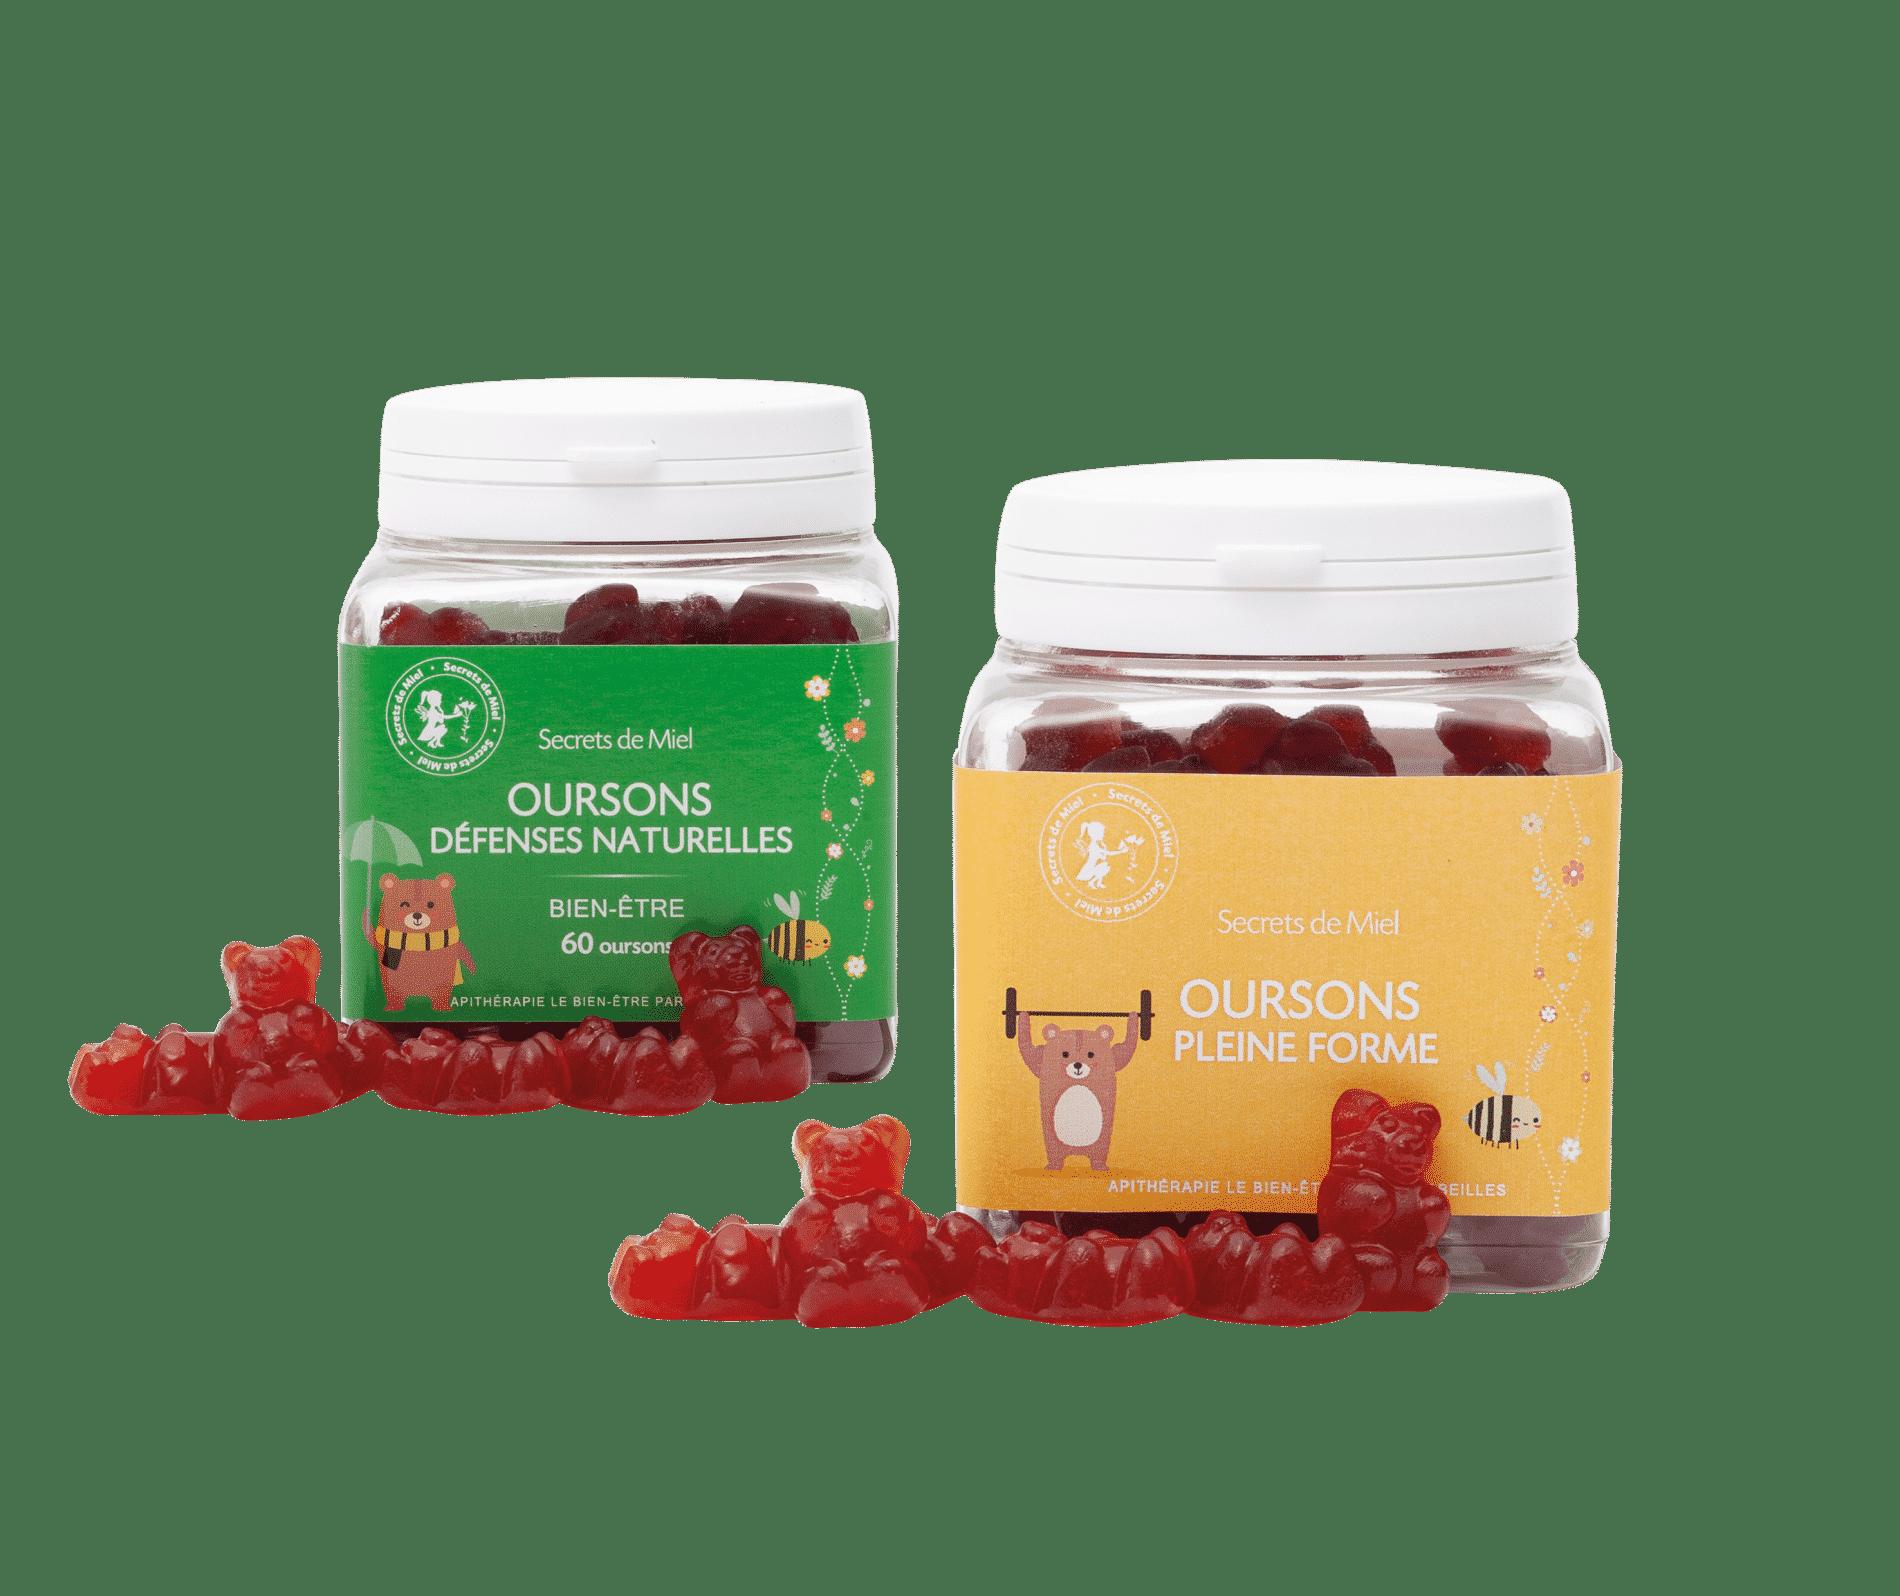 Secrets de Miel - Propolis - Royale Jelly - kinder - naturel